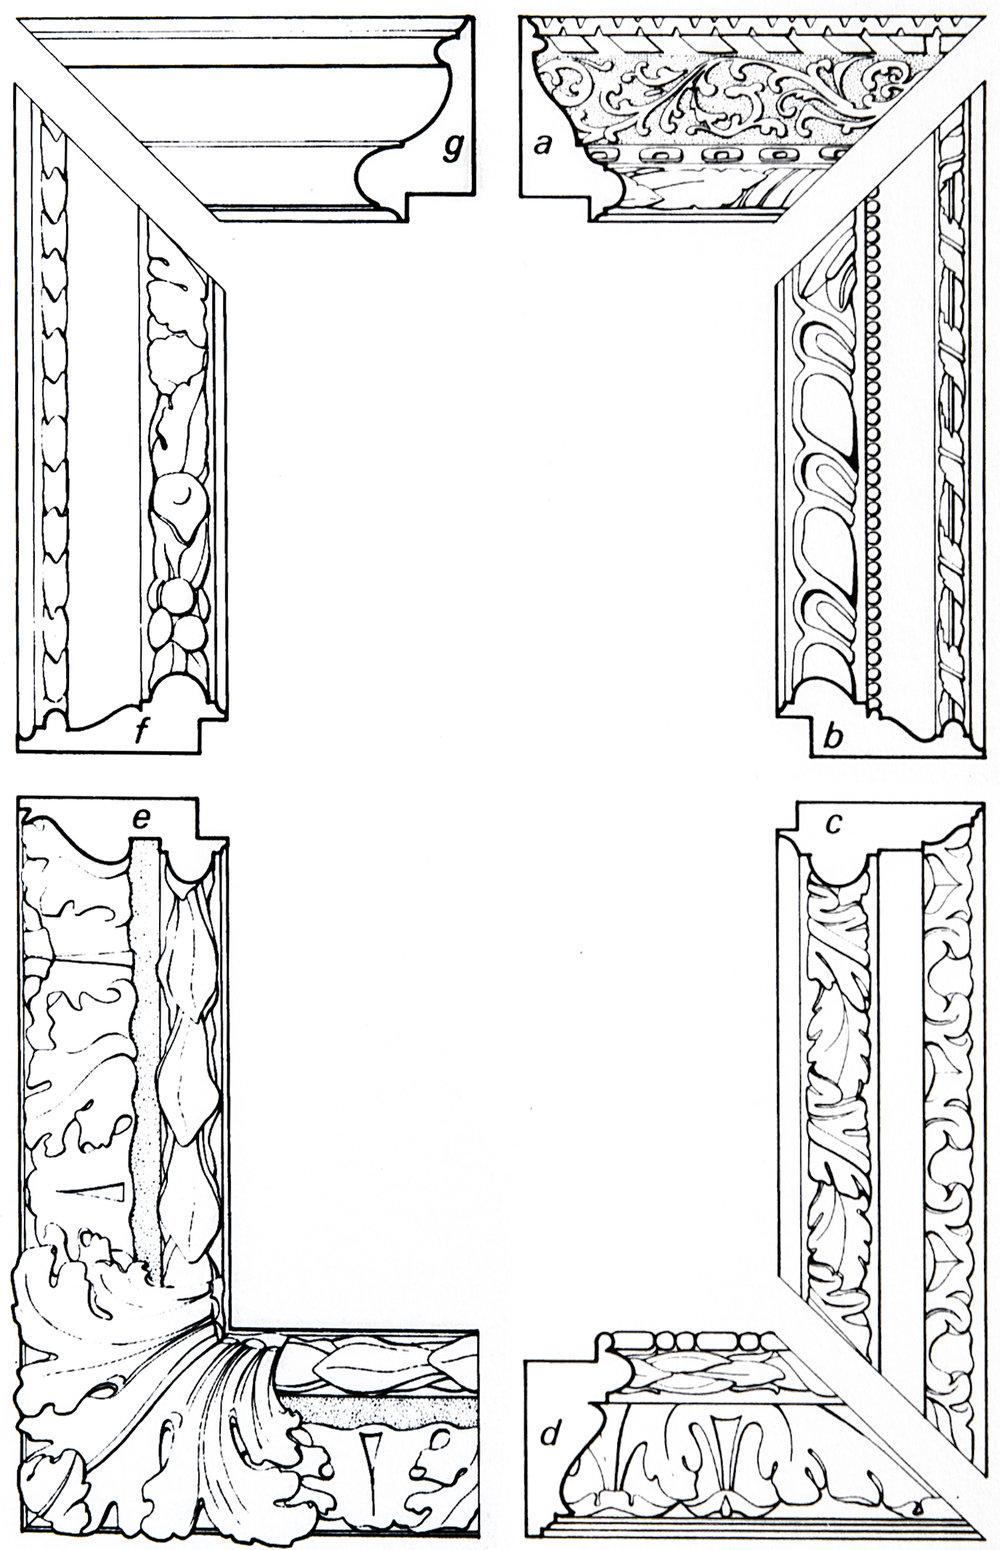 Рис. 23 Итальянские барочные рамы с выпуклым профилем, 17 век.